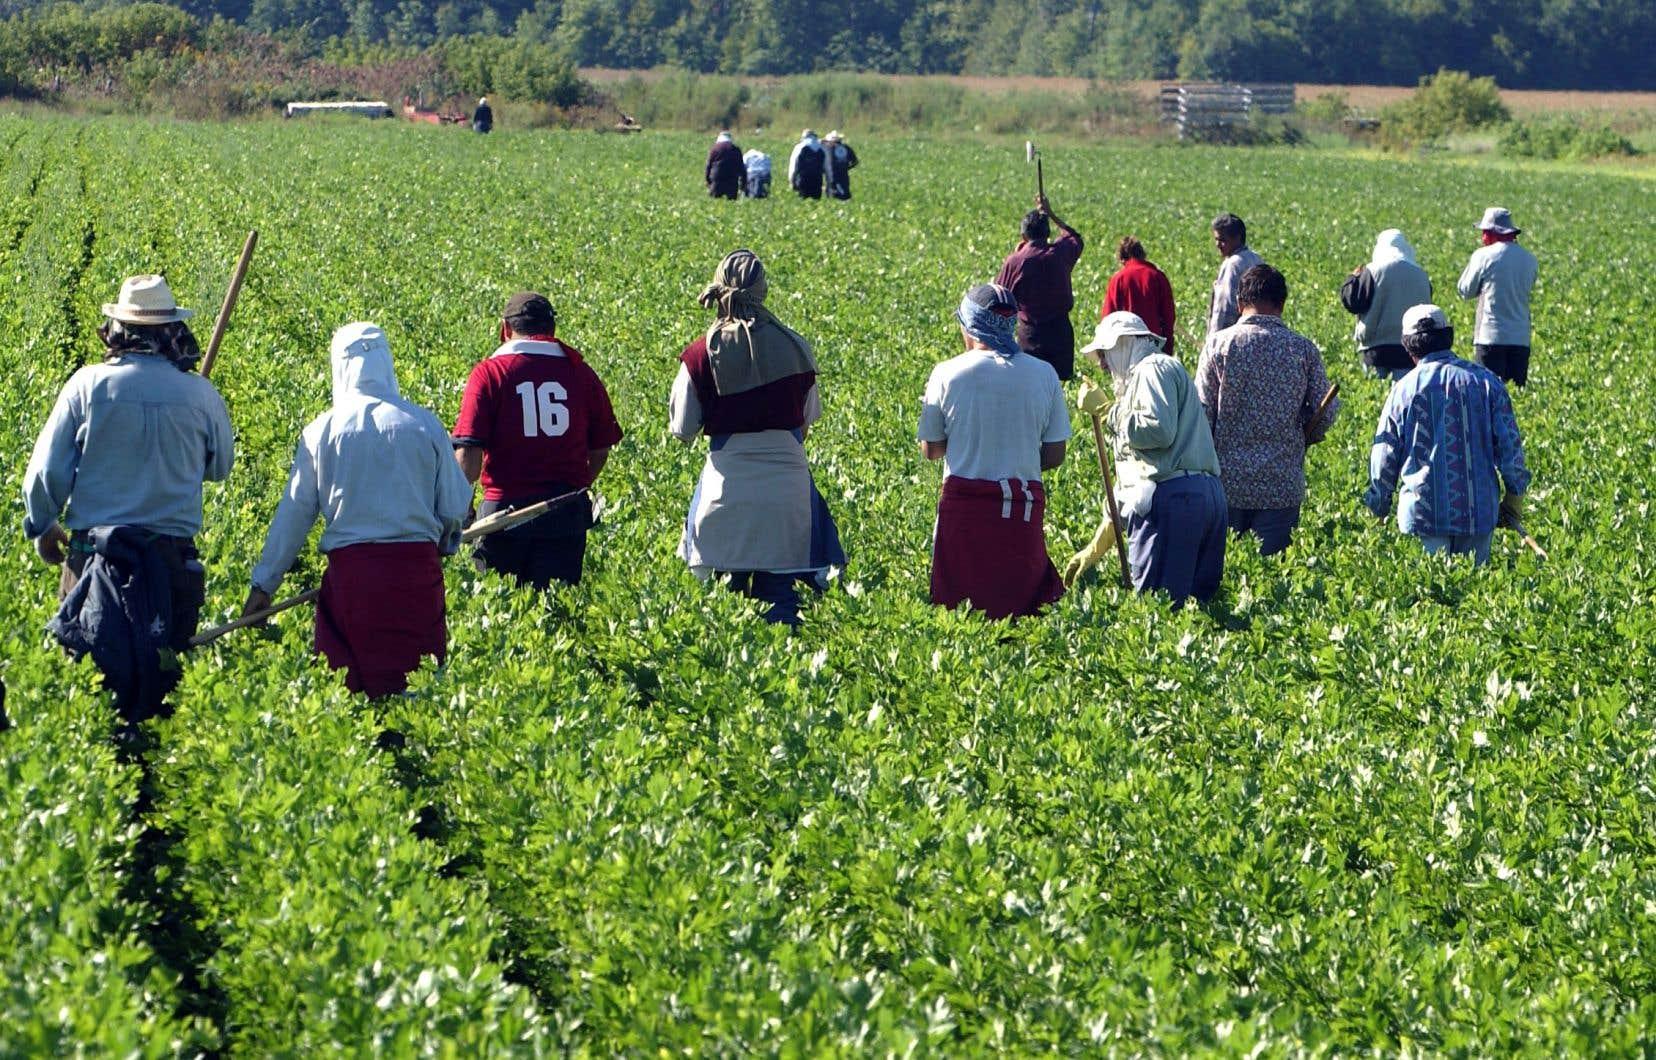 Les journées de travail des travailleurs migrants durent entre 10 et 13heures. Ceux-ci sont d'ailleurs constamment disponibles pour répondre aux besoins de l'employeur, explique le chercheur qui a partagé leur quotidien.